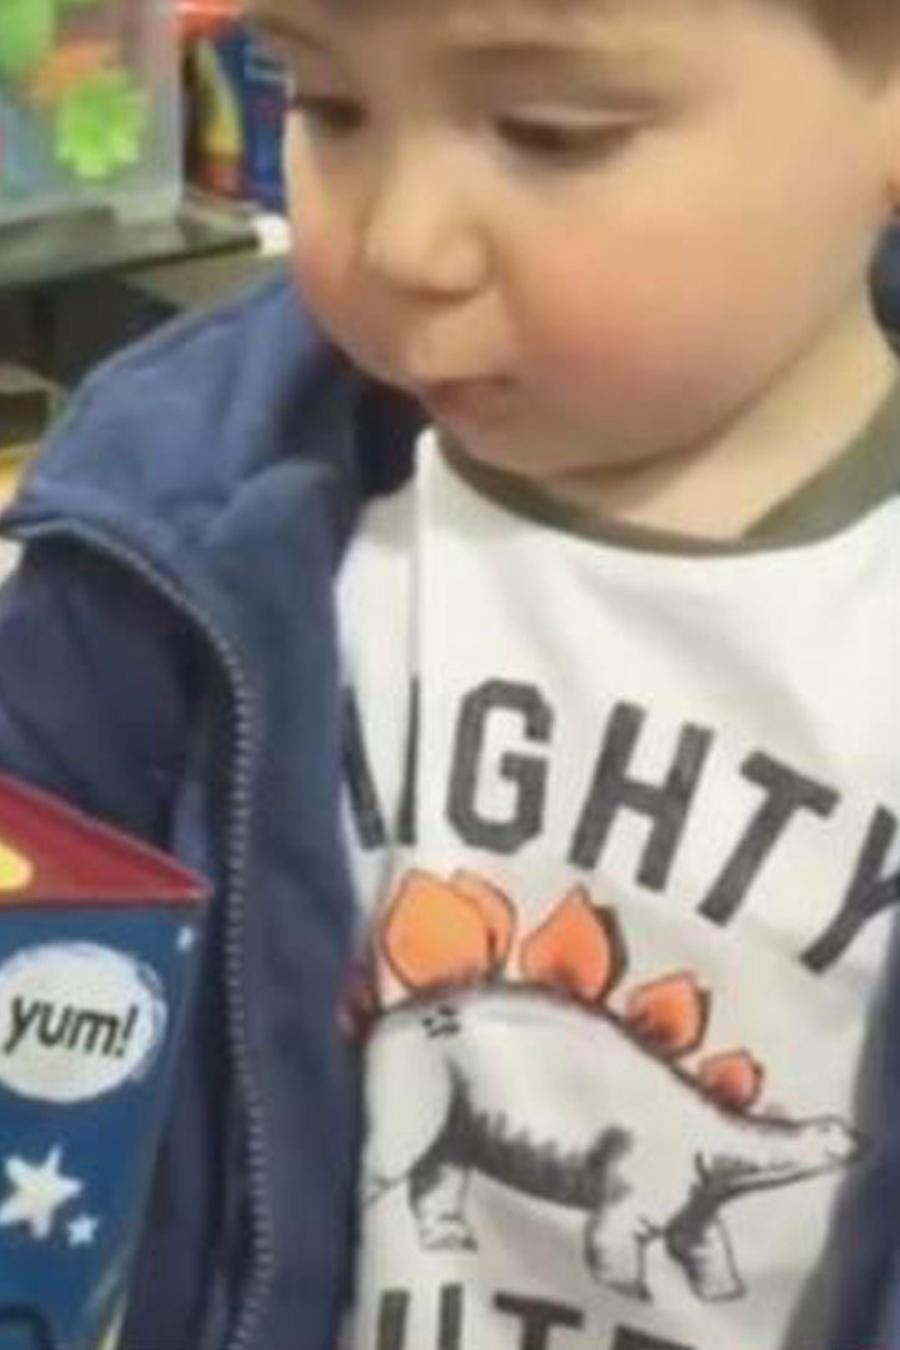 Un niño jugaba con una cajita y su reacción se viralizó